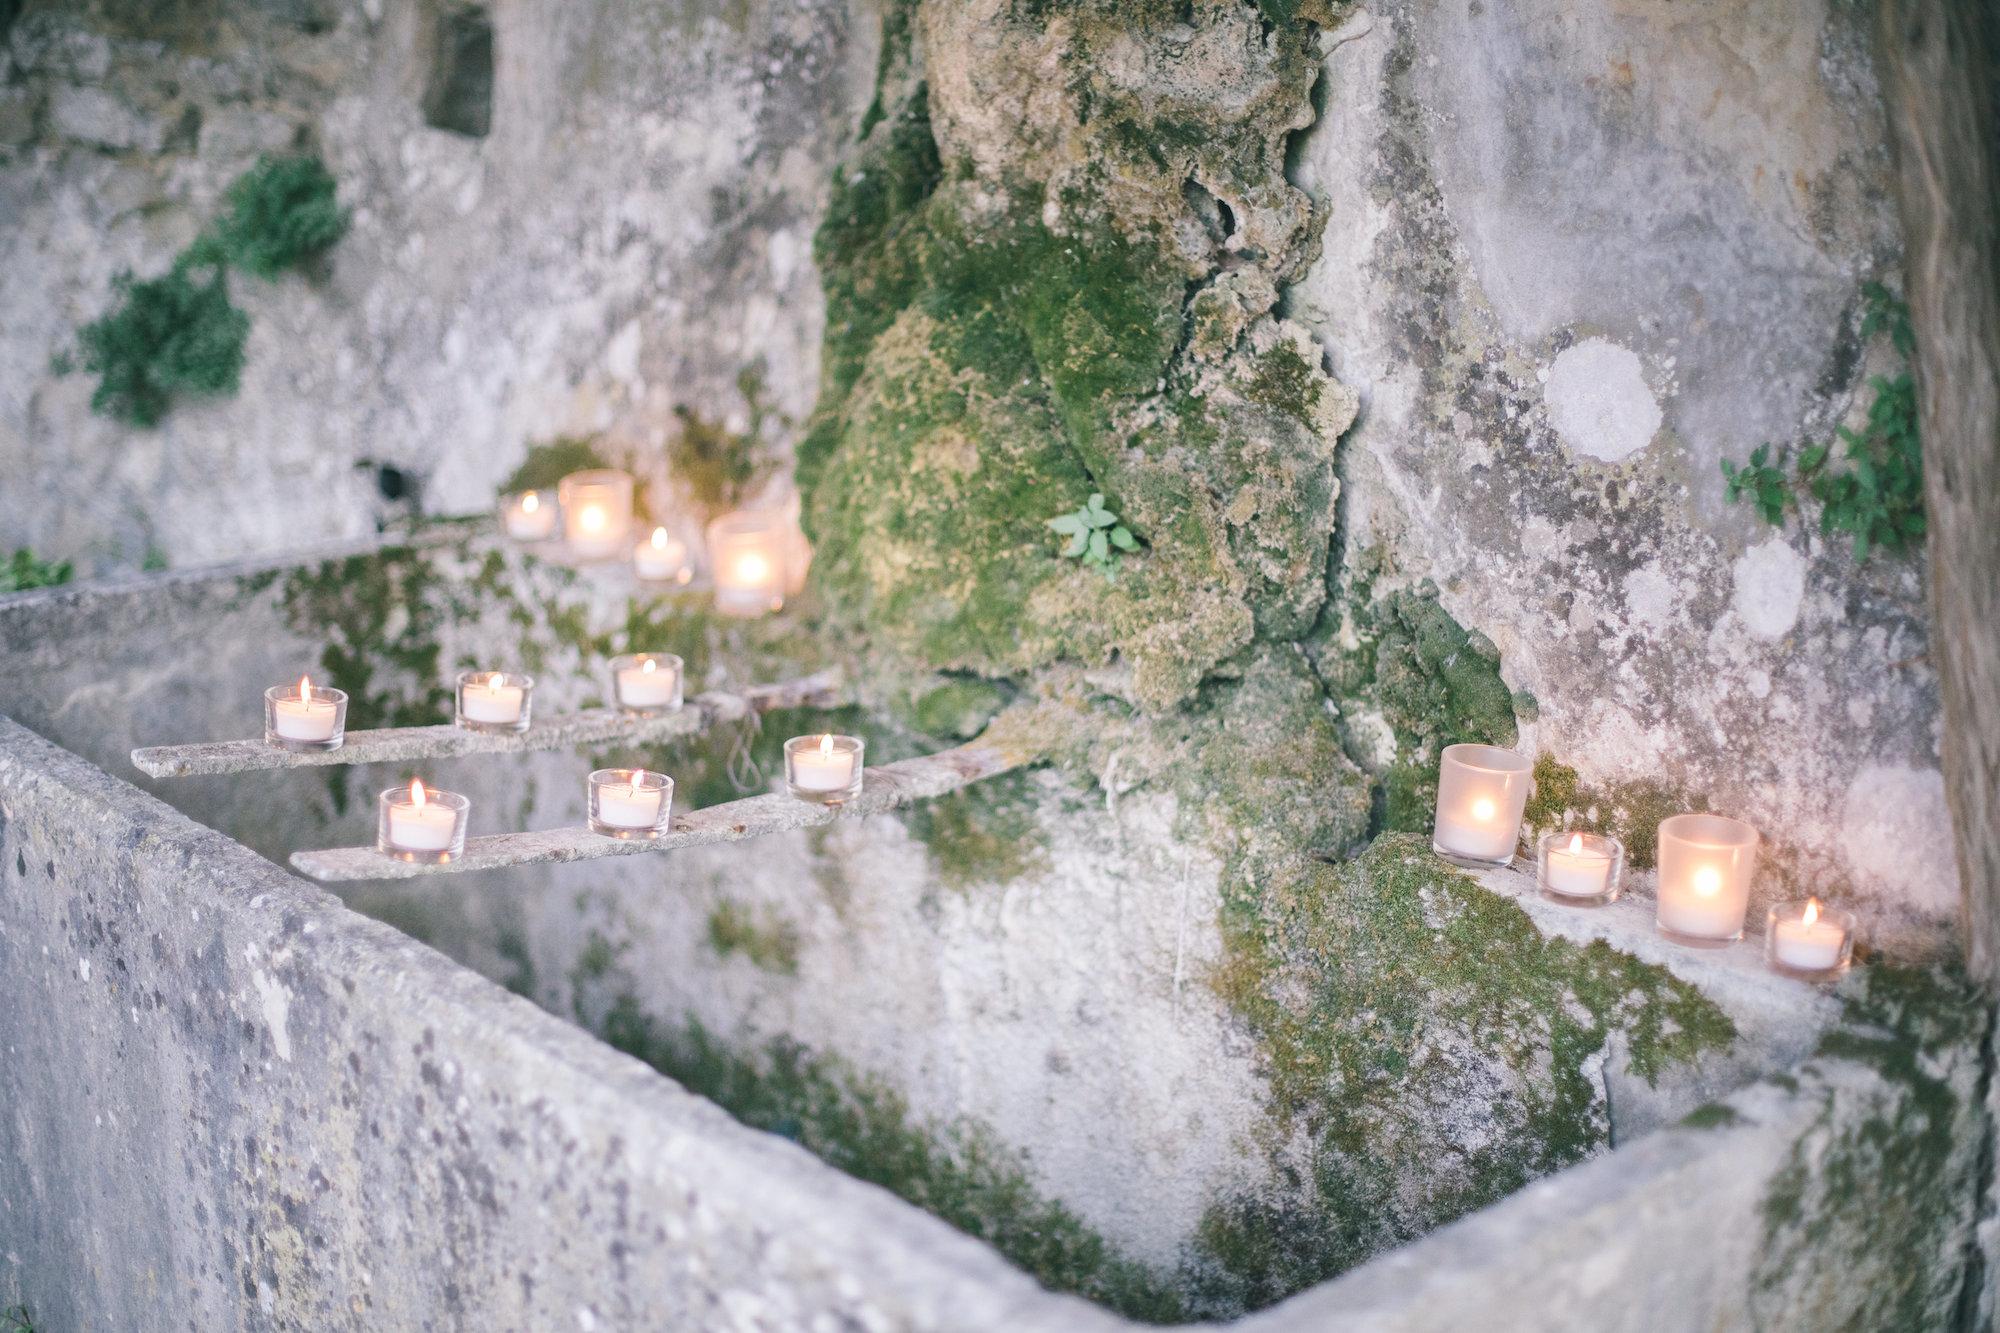 le coeur dans les etoiles - wedding planner - gard - provence - mariage provence - L&C - sebastien cabanes - fontaine